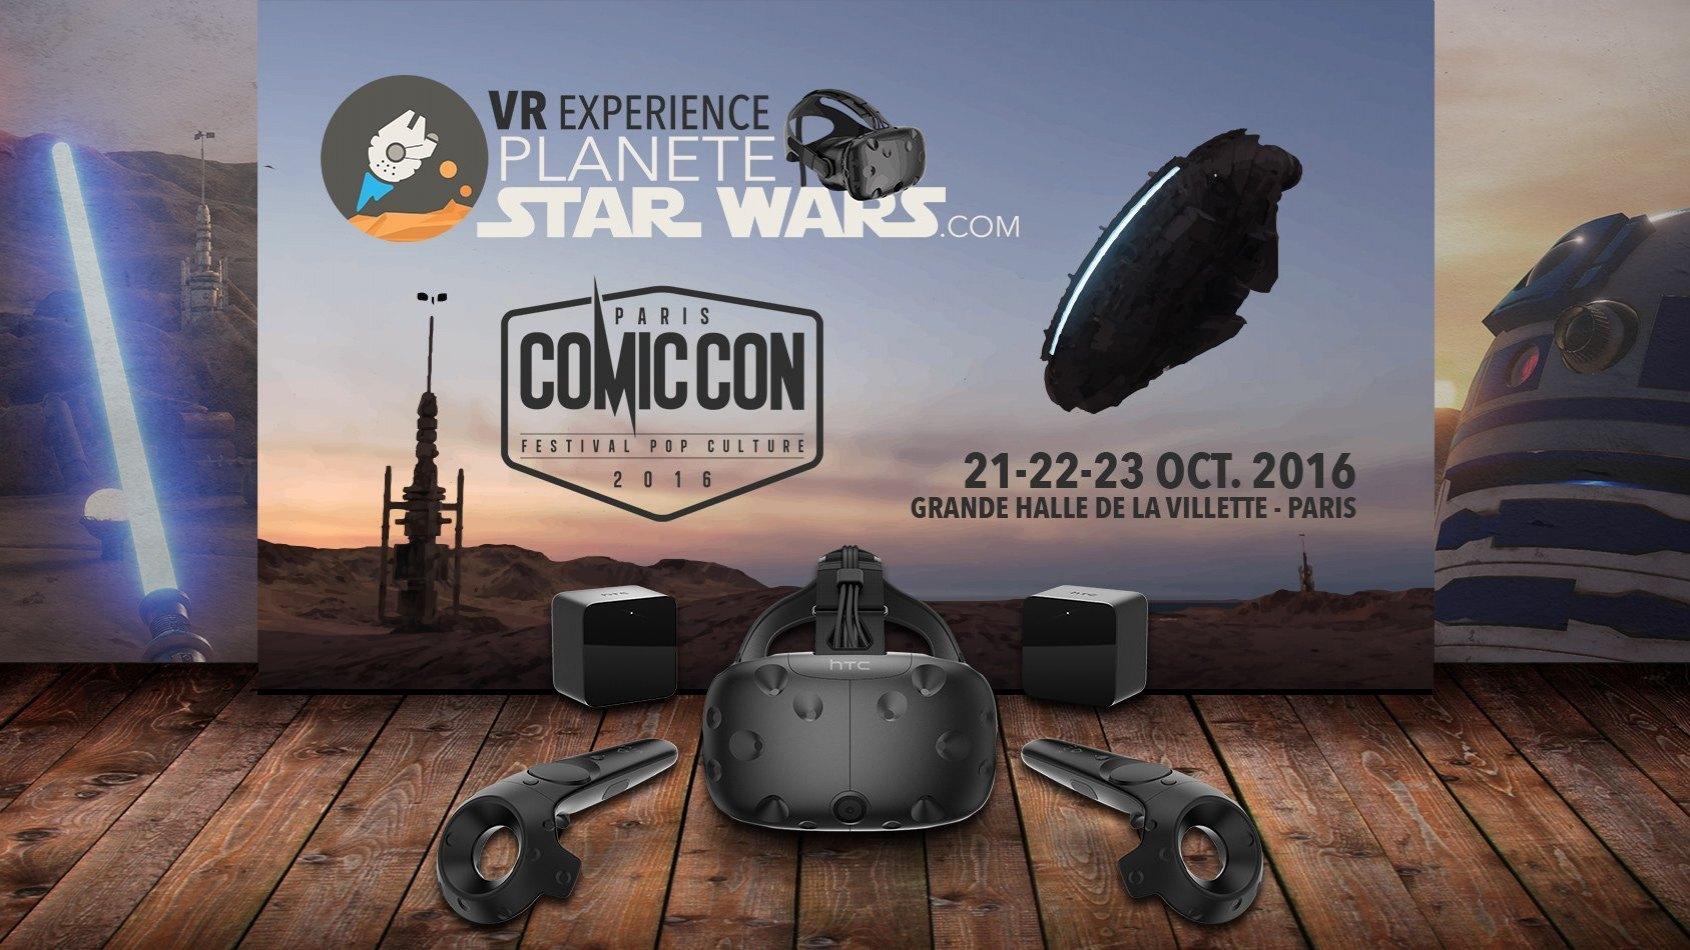 Planète Star Wars VR Experience - Réservez vos séances au Comic Con !